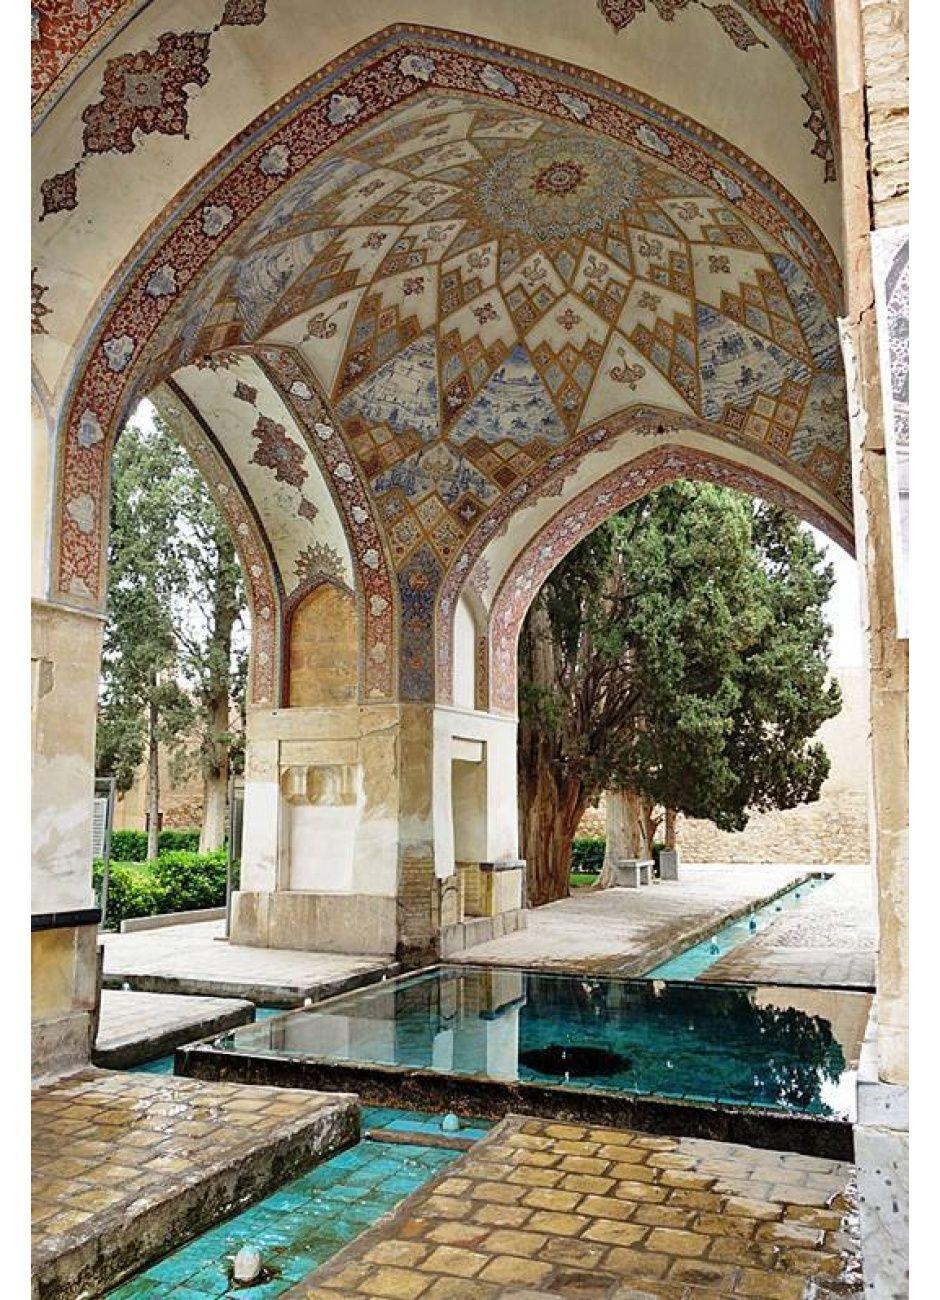 Fin garden in Kashan - Iran | Iran | Pinterest | Iran, Gardens and ...